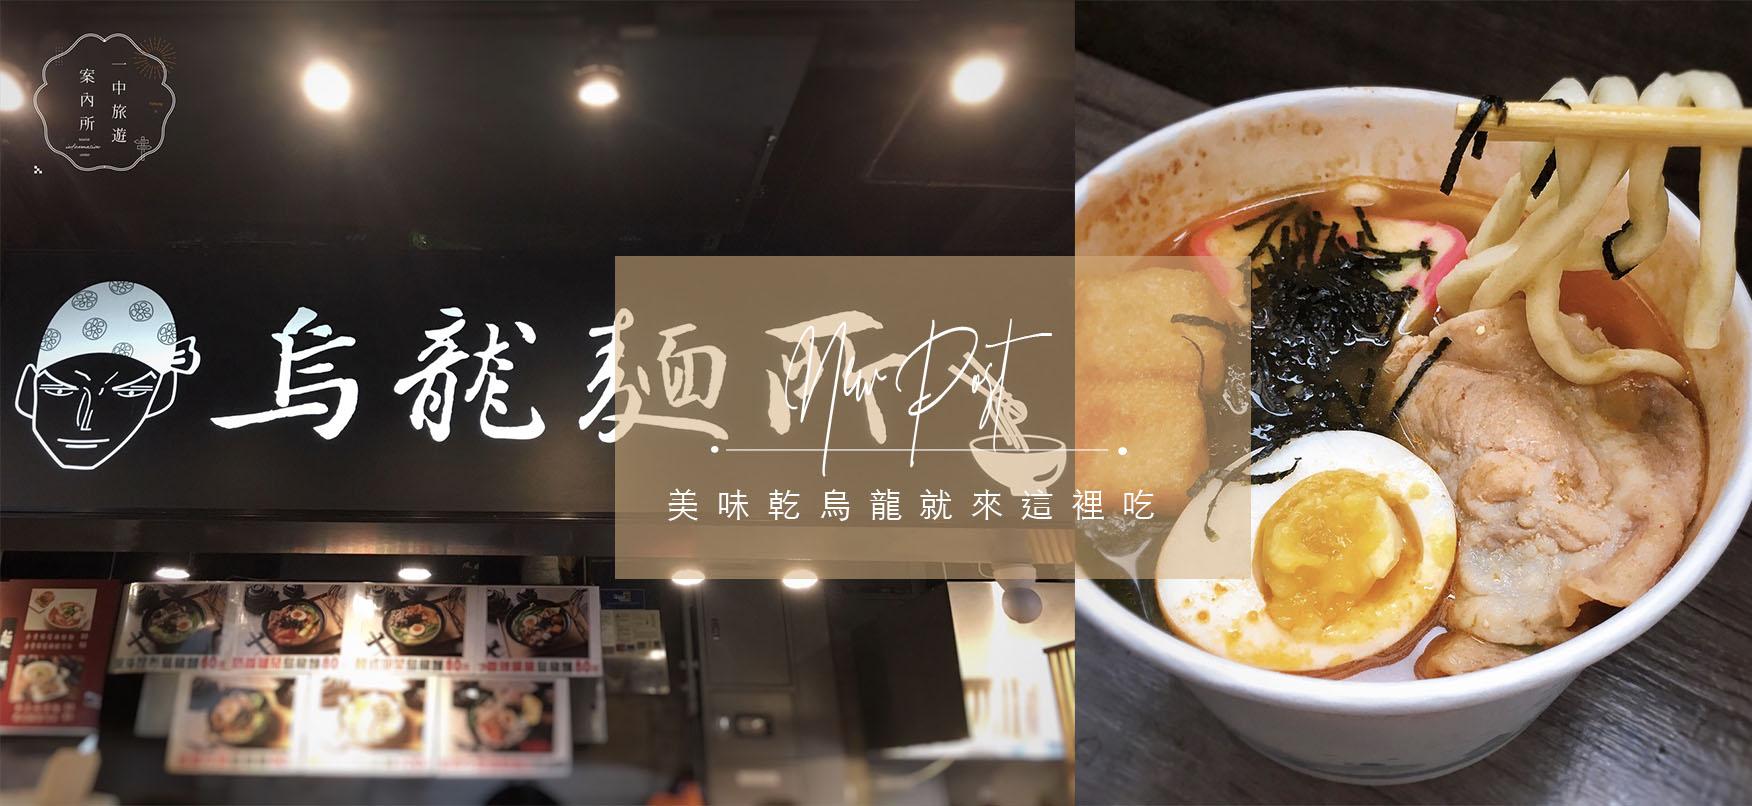 烏龍麵所|烏龍麵專賣店  讓人一喝就停不下來的美味湯頭